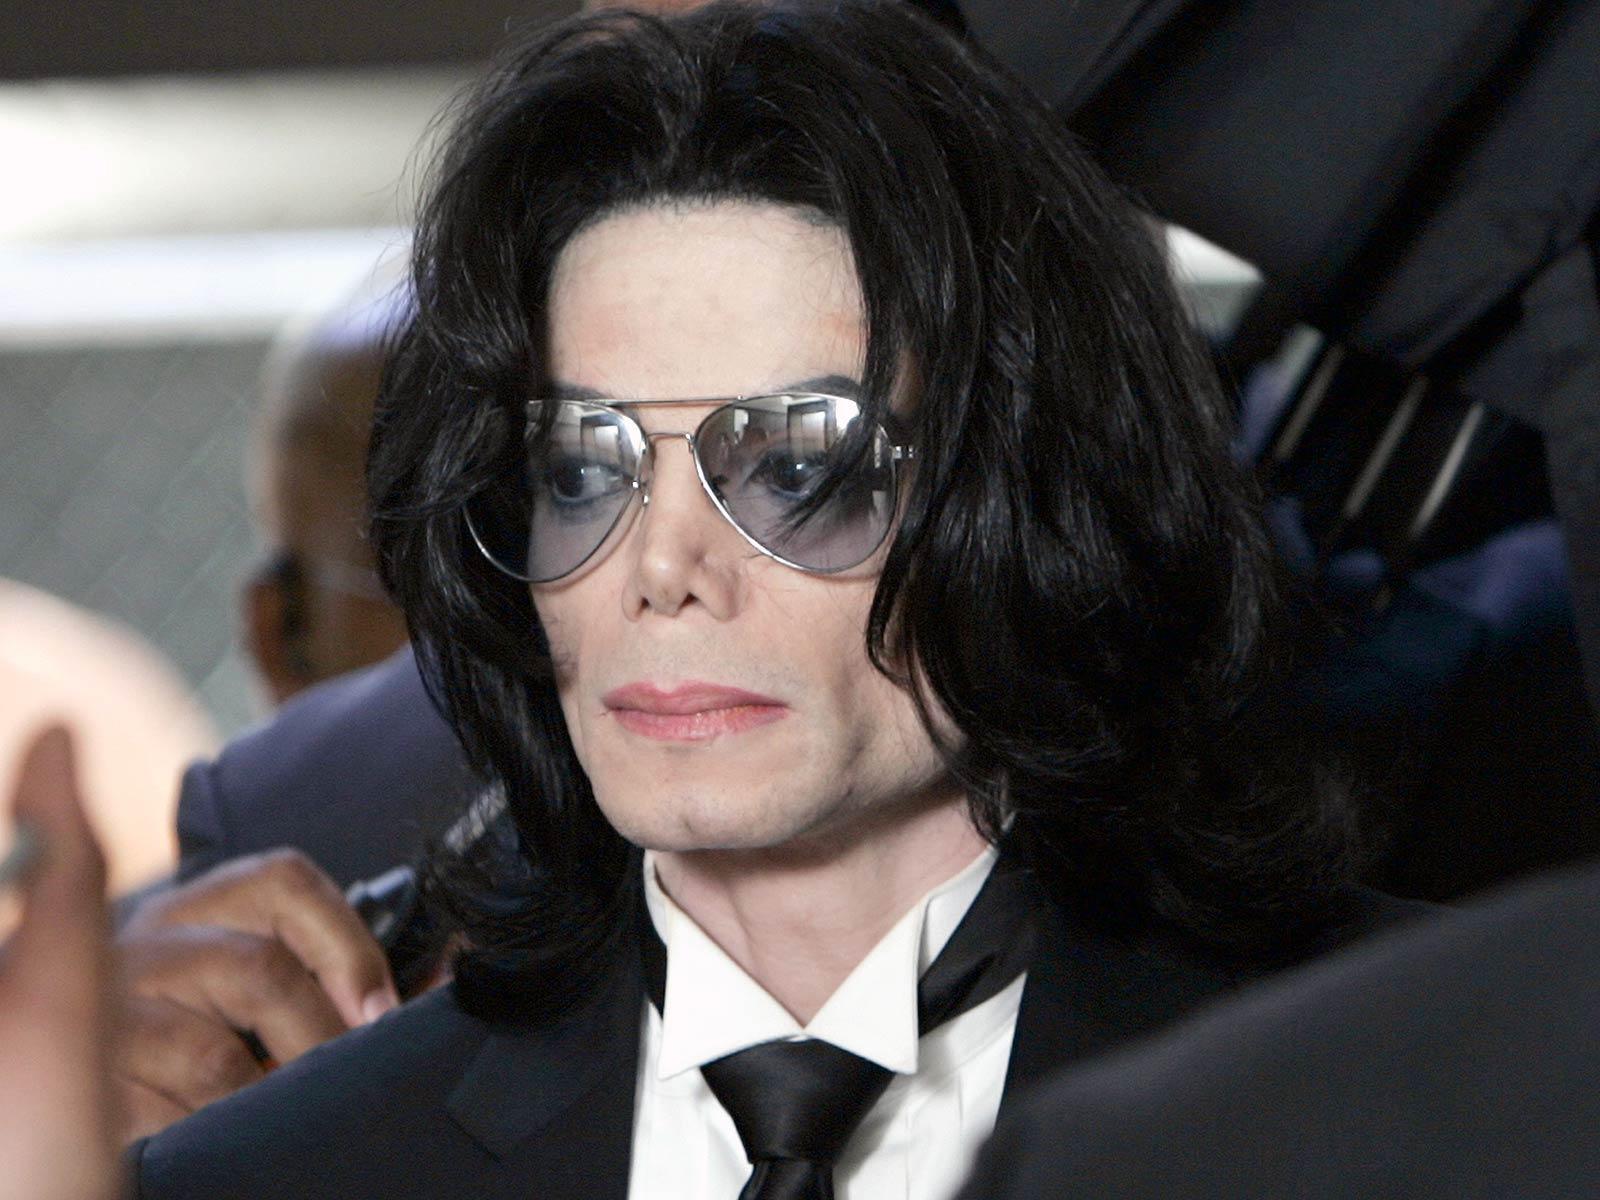 http://3.bp.blogspot.com/_AsqWuGwm6s0/TEJ2F7U_C7I/AAAAAAAAADo/2GPQYlHGnbE/S1600-R/Michael_Jackson.jpg